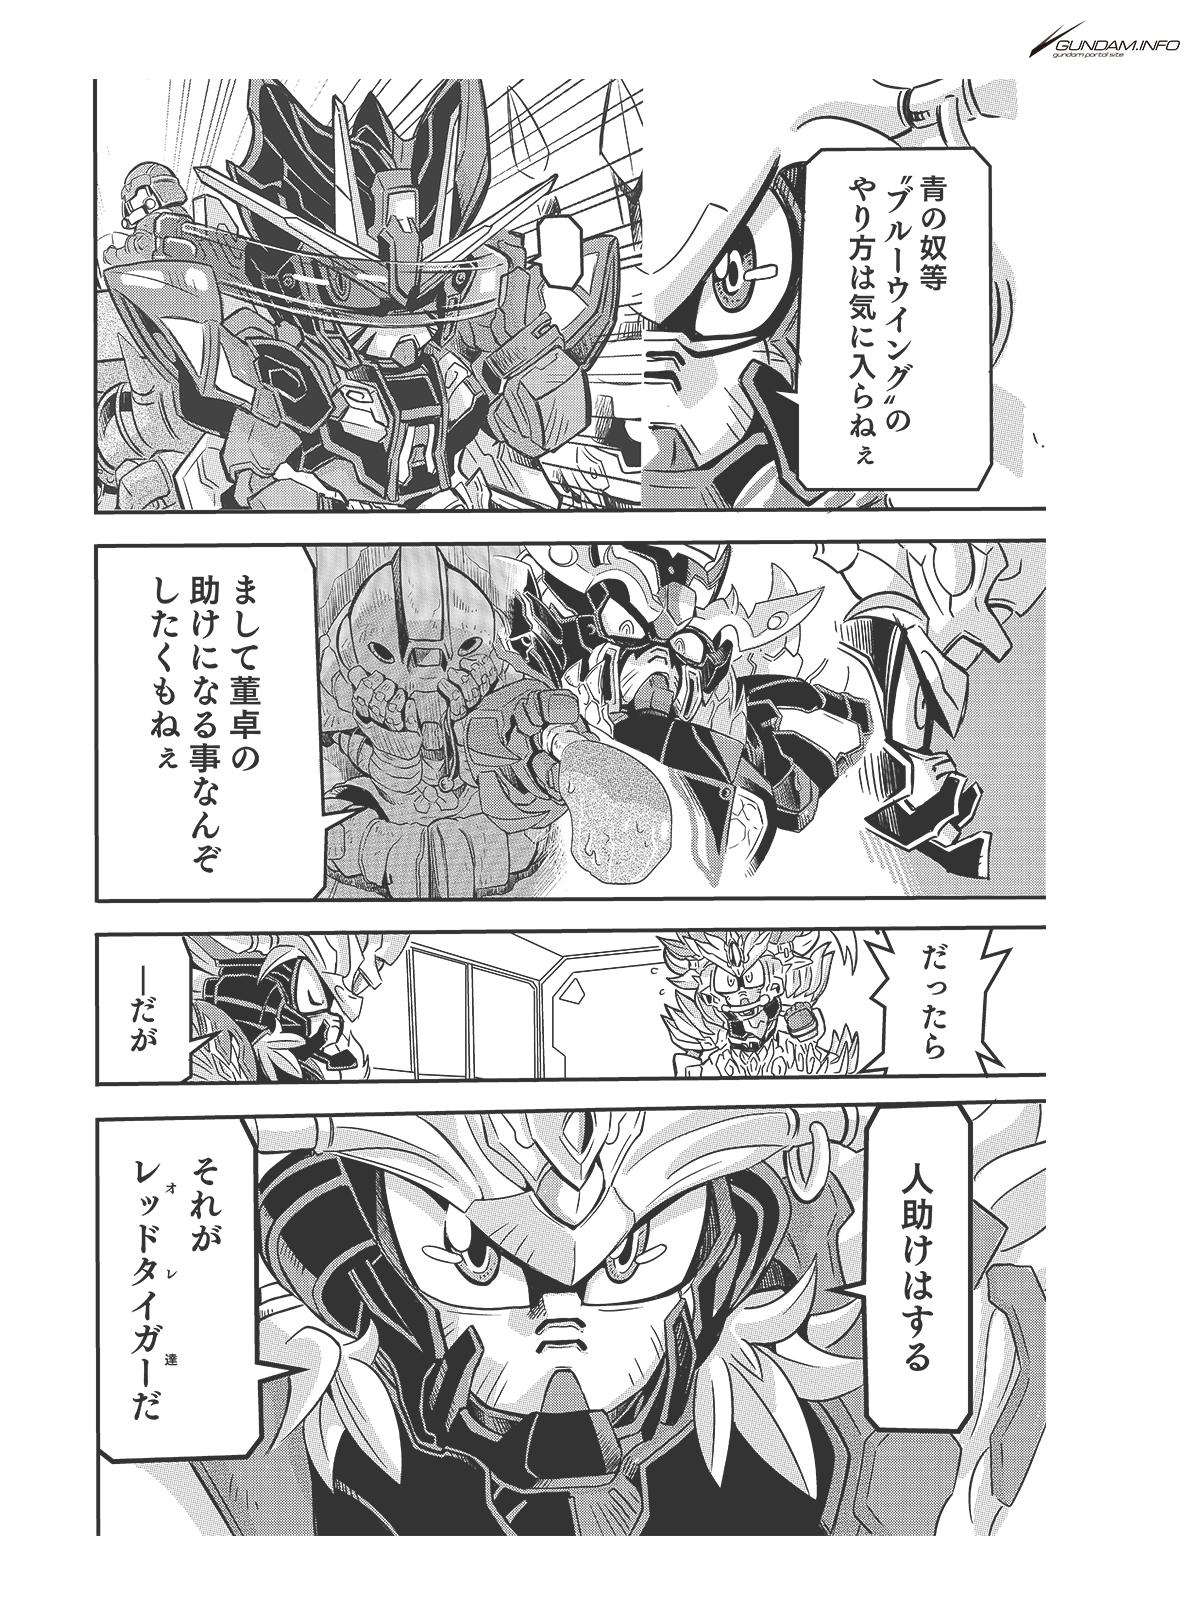 SDガンダムワールド 三国創傑伝 焔虎譚 第8話 P8